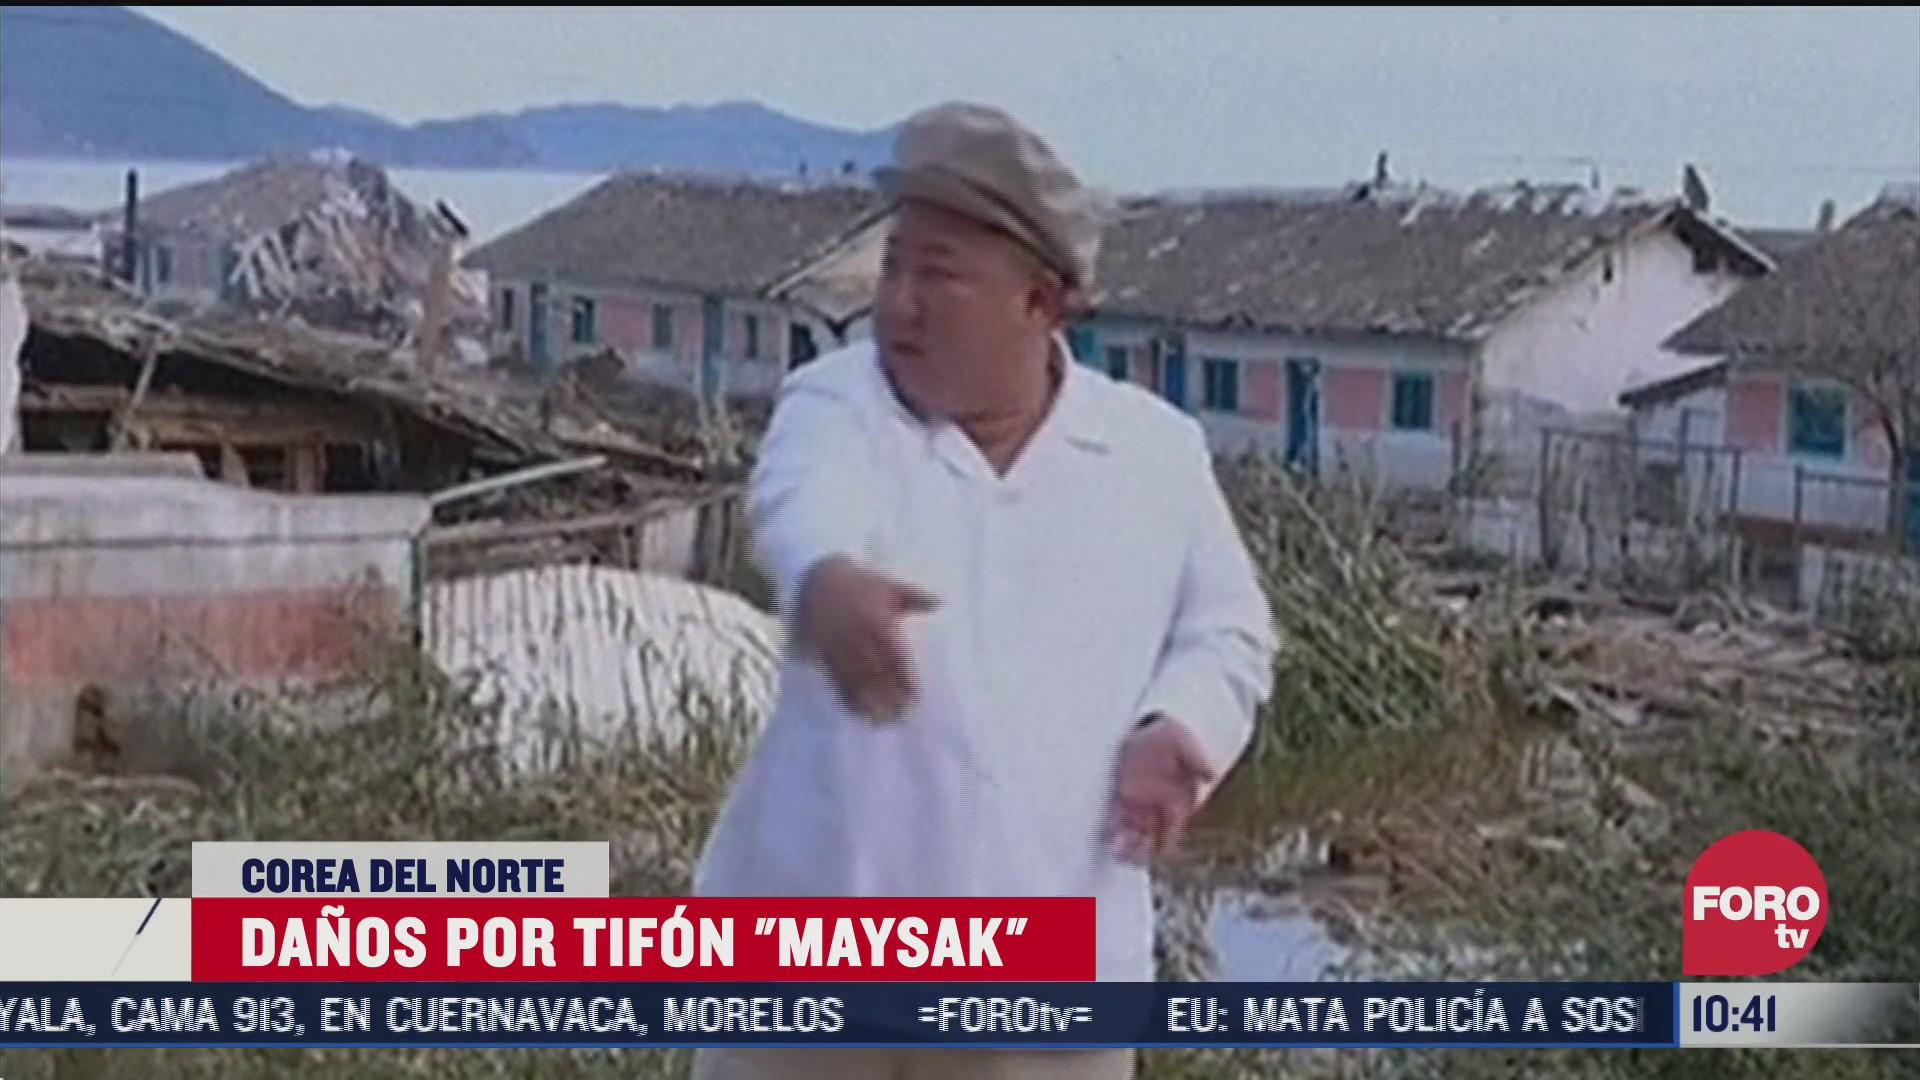 kim jong un ordena reparar danos por tifon en corea del norte